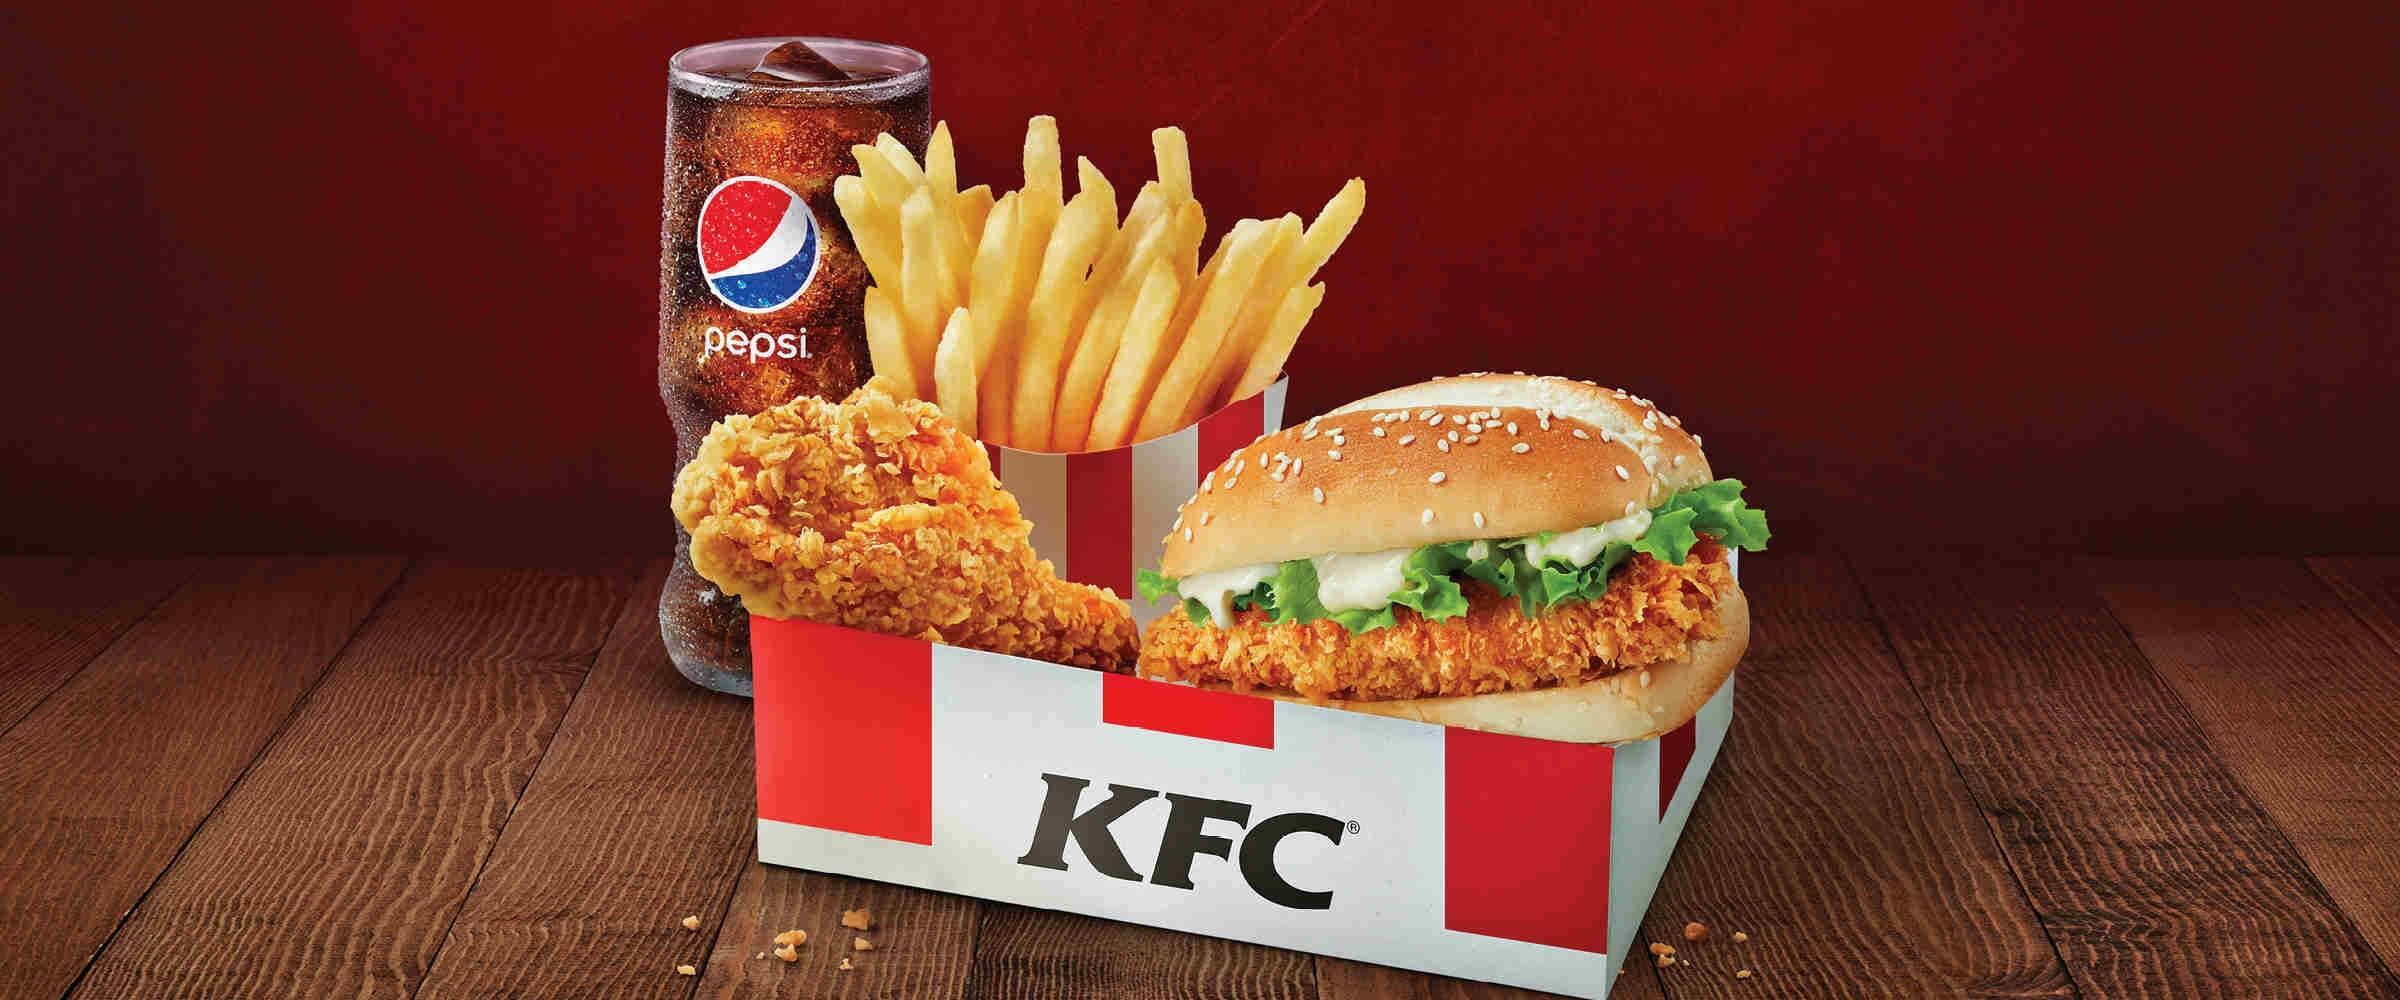 Kfc دجاج كنتاكي Al Sadd Doha